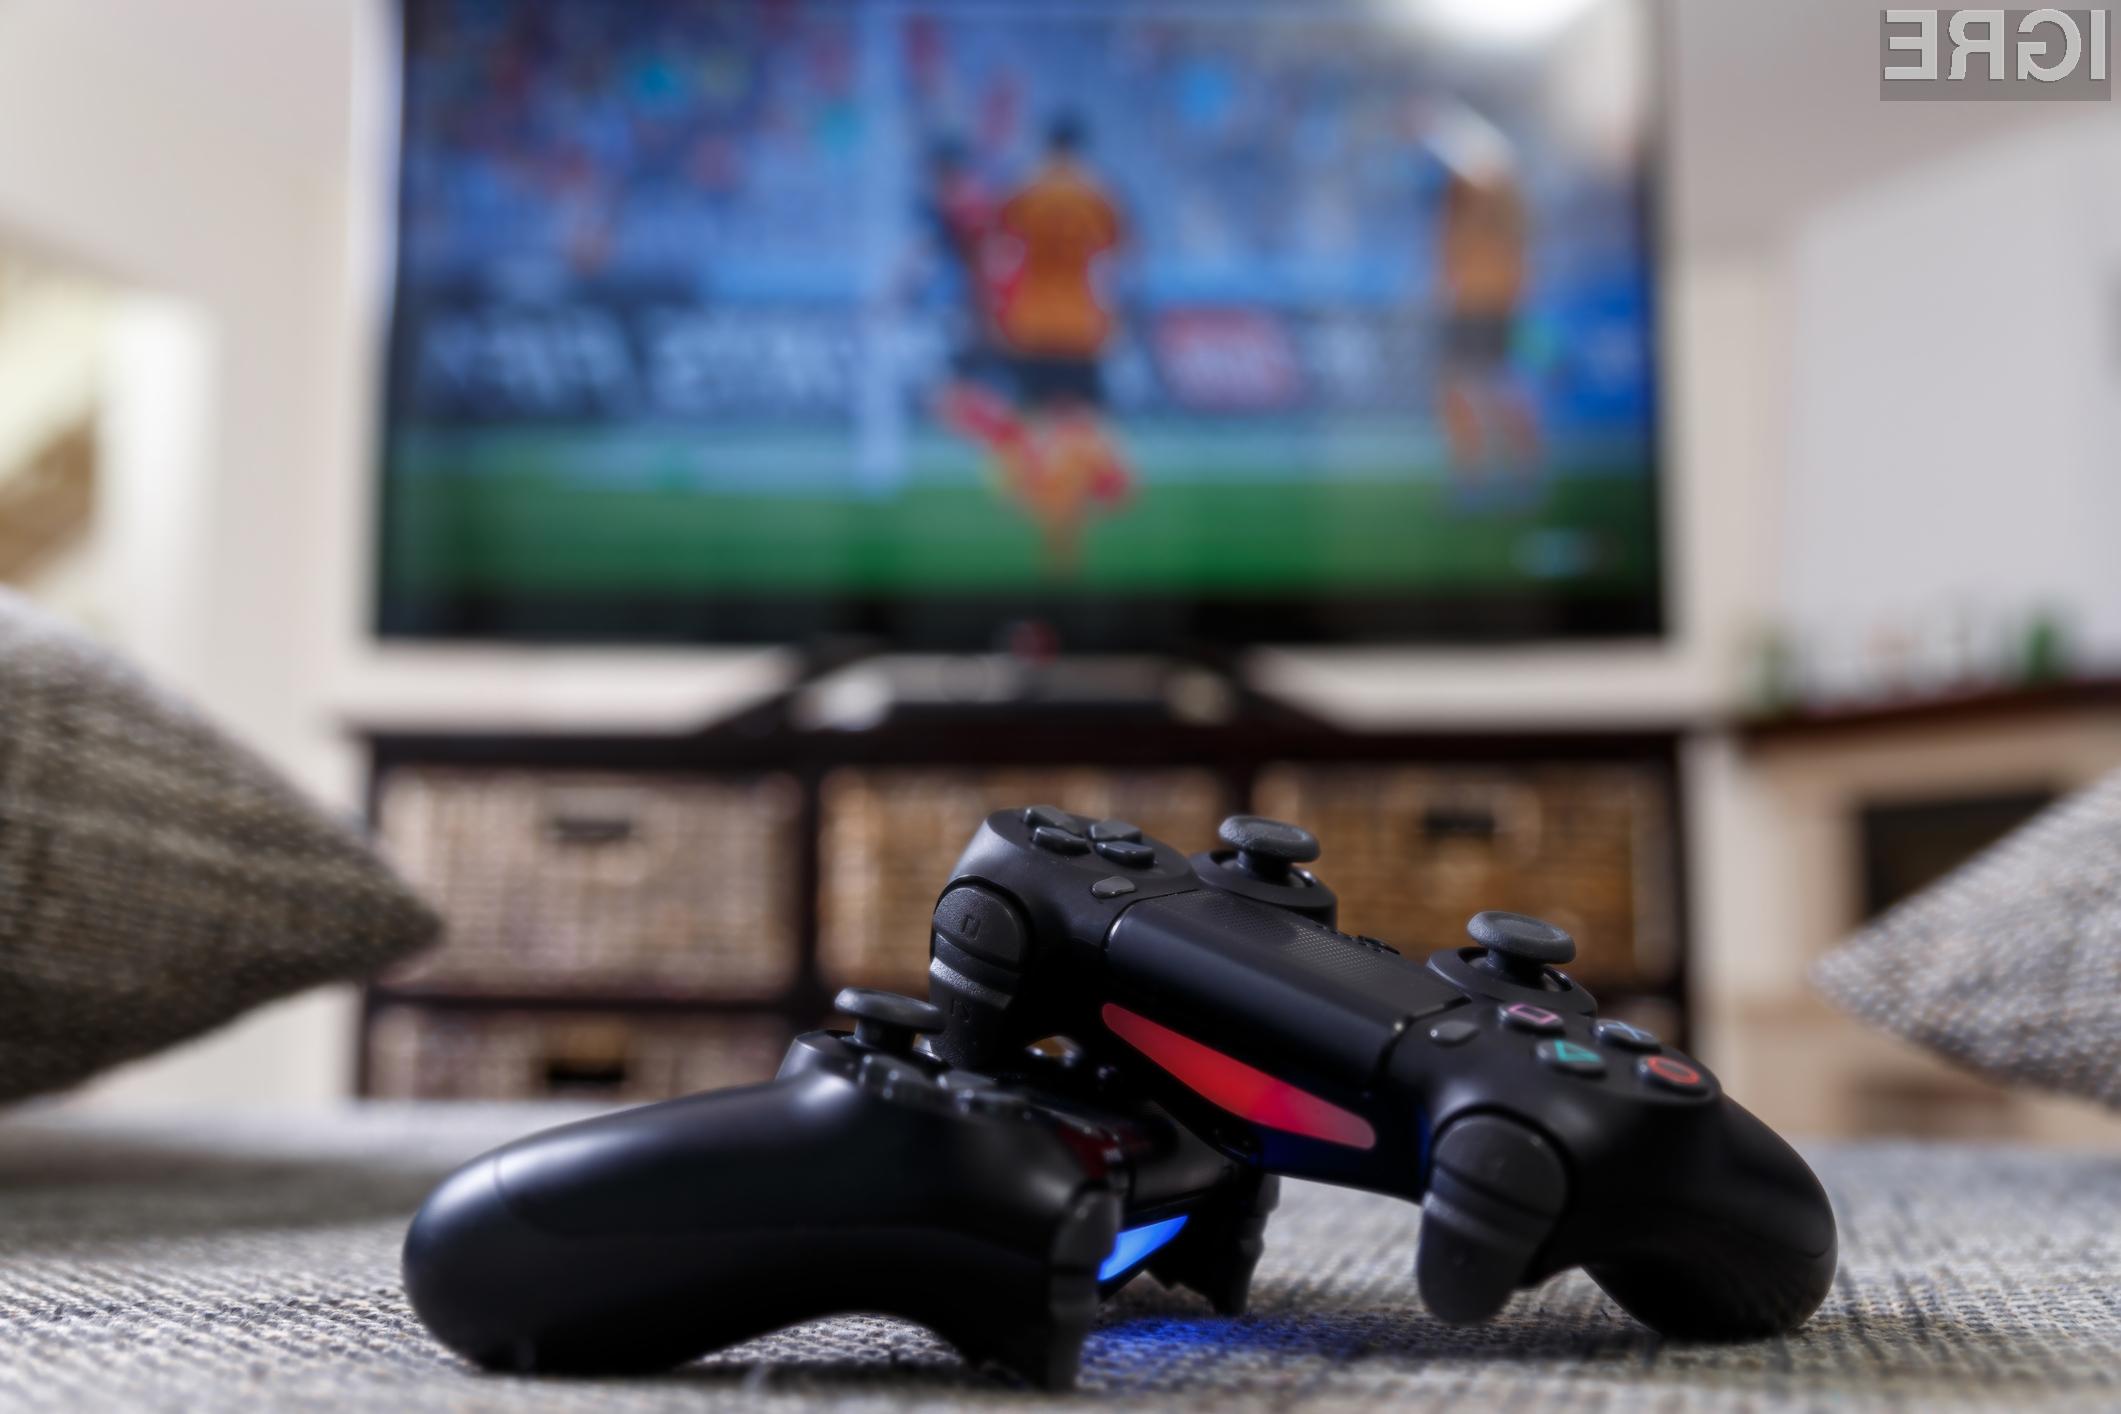 Otroci nad »starševskim zaklepanjem« igralne konzole PlayStation 4 zagotovo ne bodo zadovoljeni!